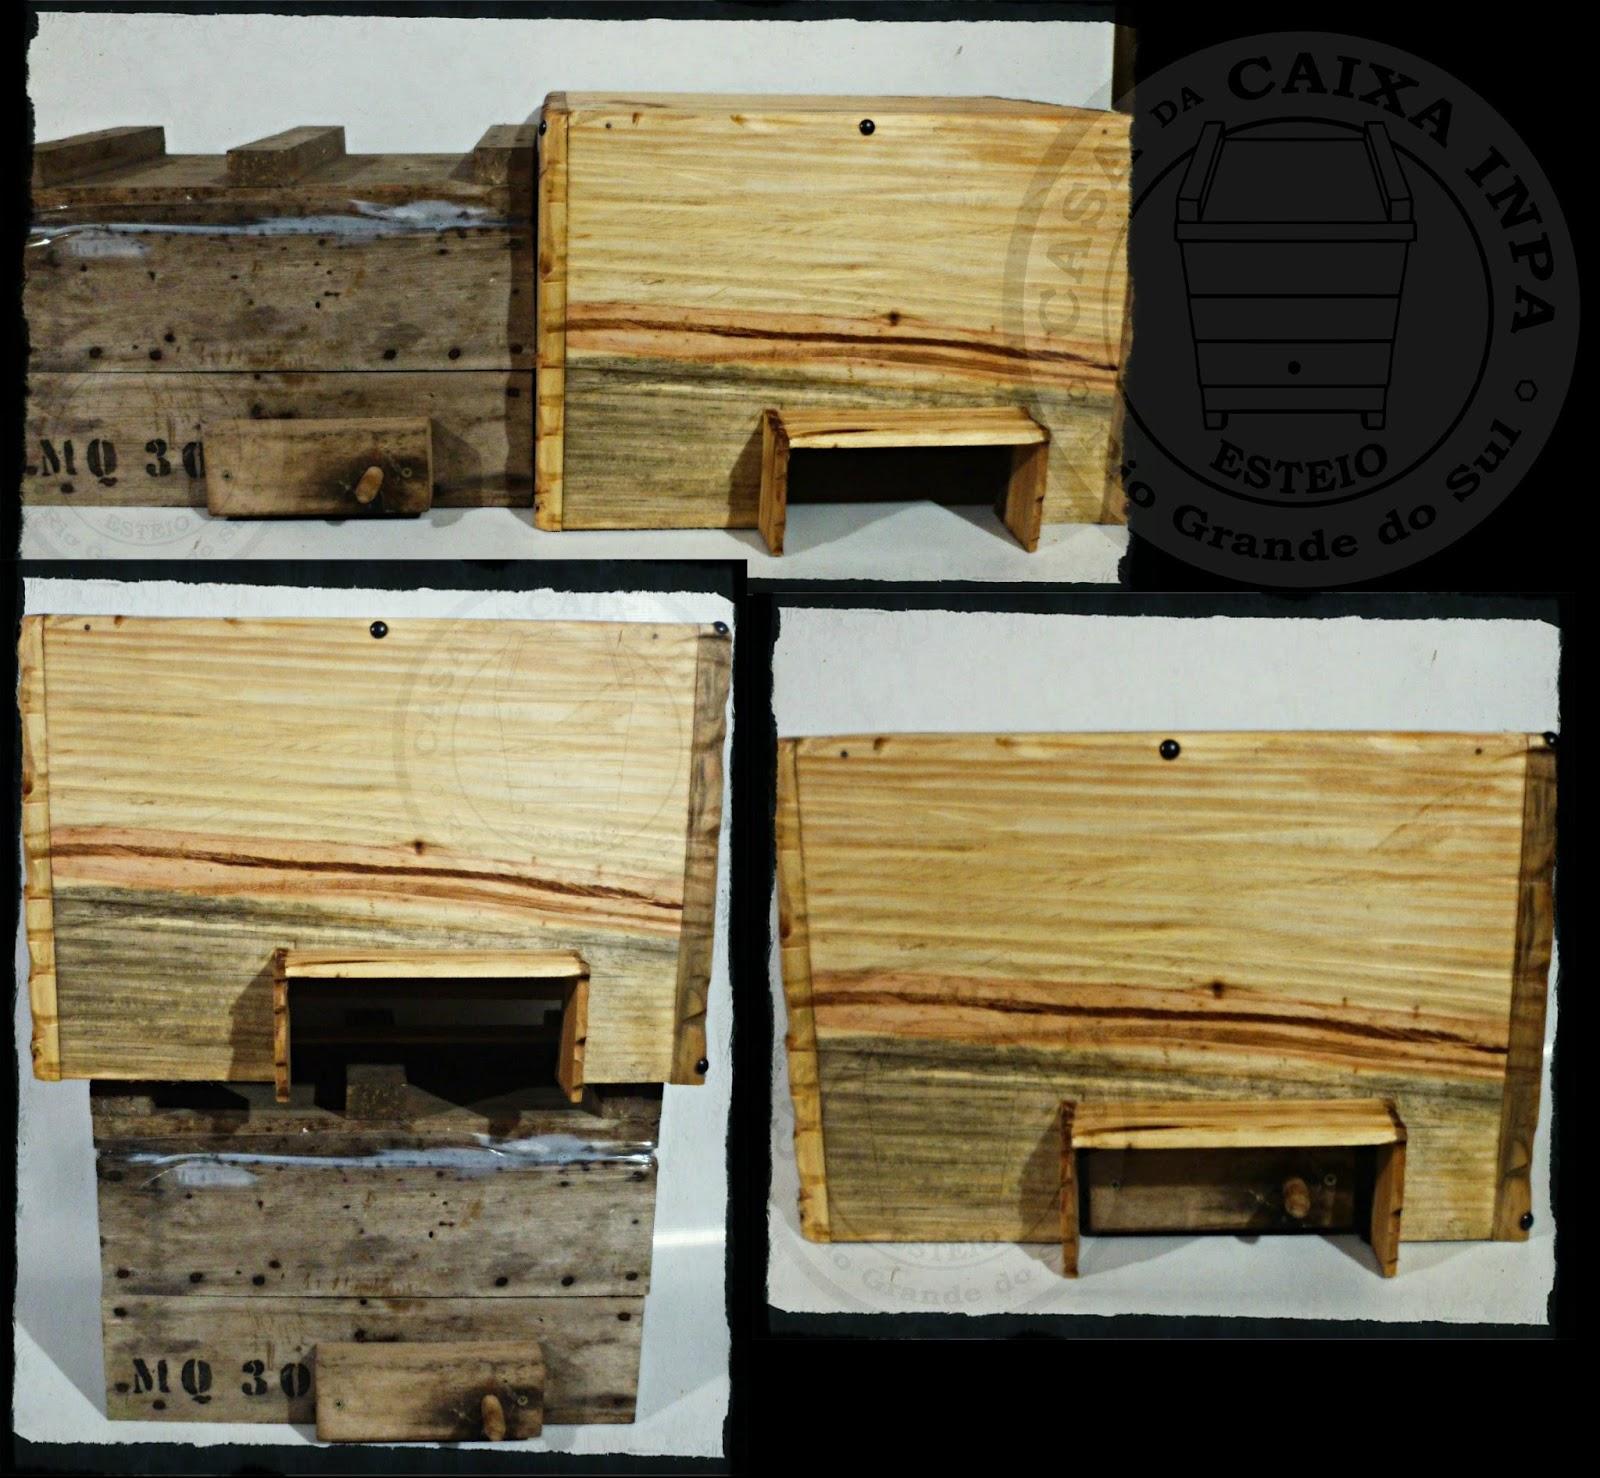 8450ec0aa9b Casa da Caixa INPA   Capa Térmica em Madeira Para Caixas de abelhas ...